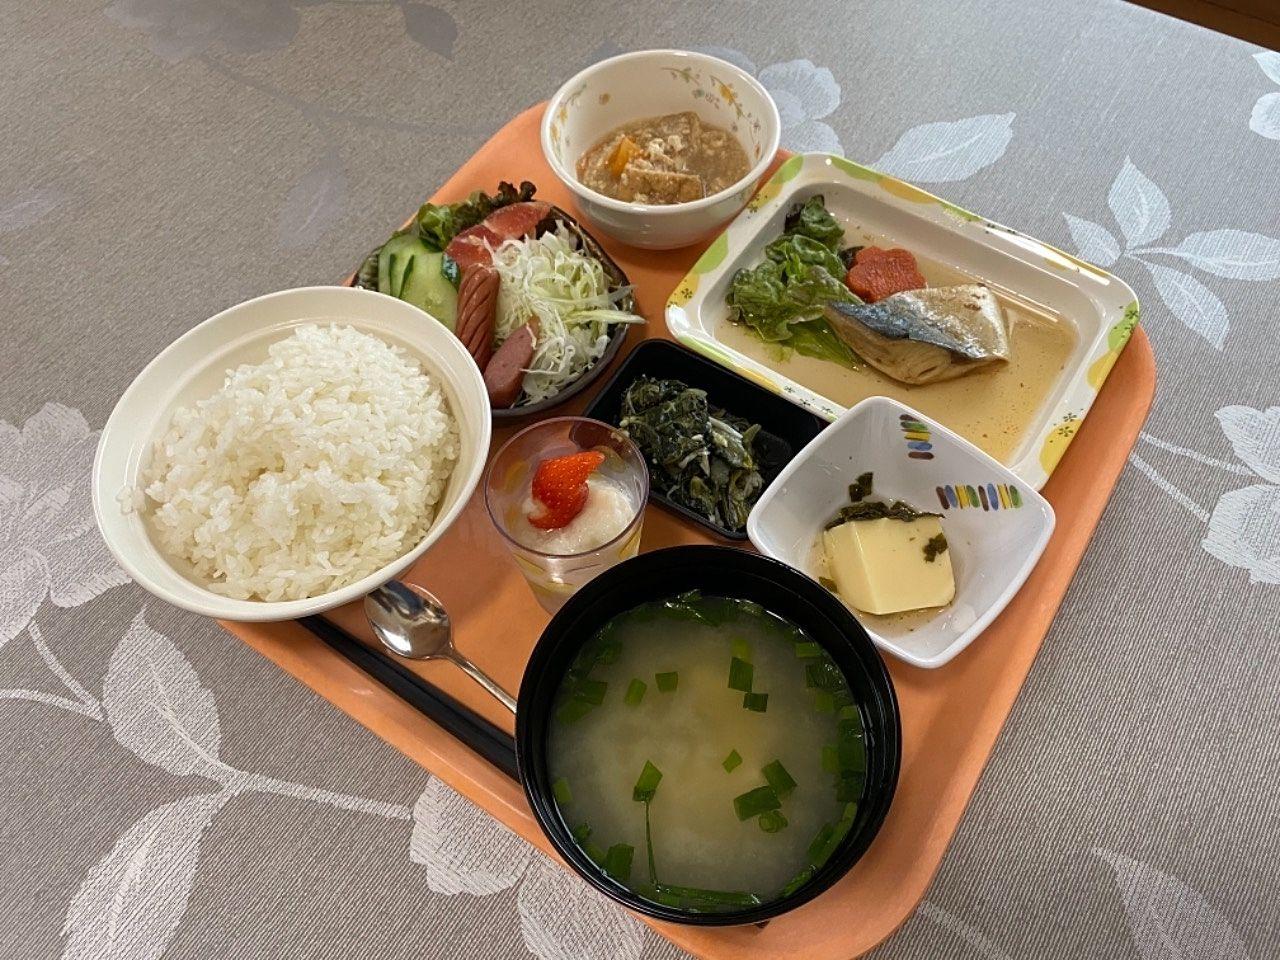 鹿児島市障害者グループホーム桜の夕食です。おかずが豪華でお腹いっぱい頂けます。